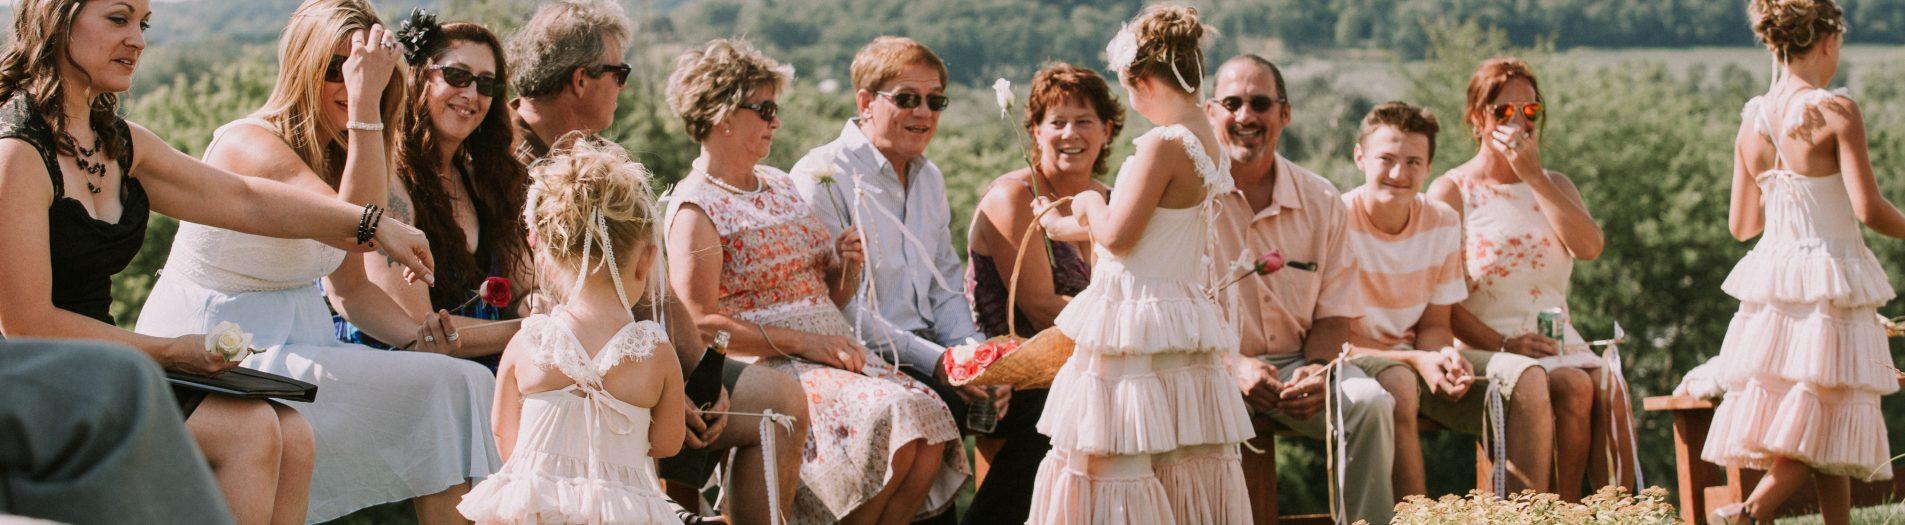 Wisconsin Wedding Venues: Wild Rose Ranch